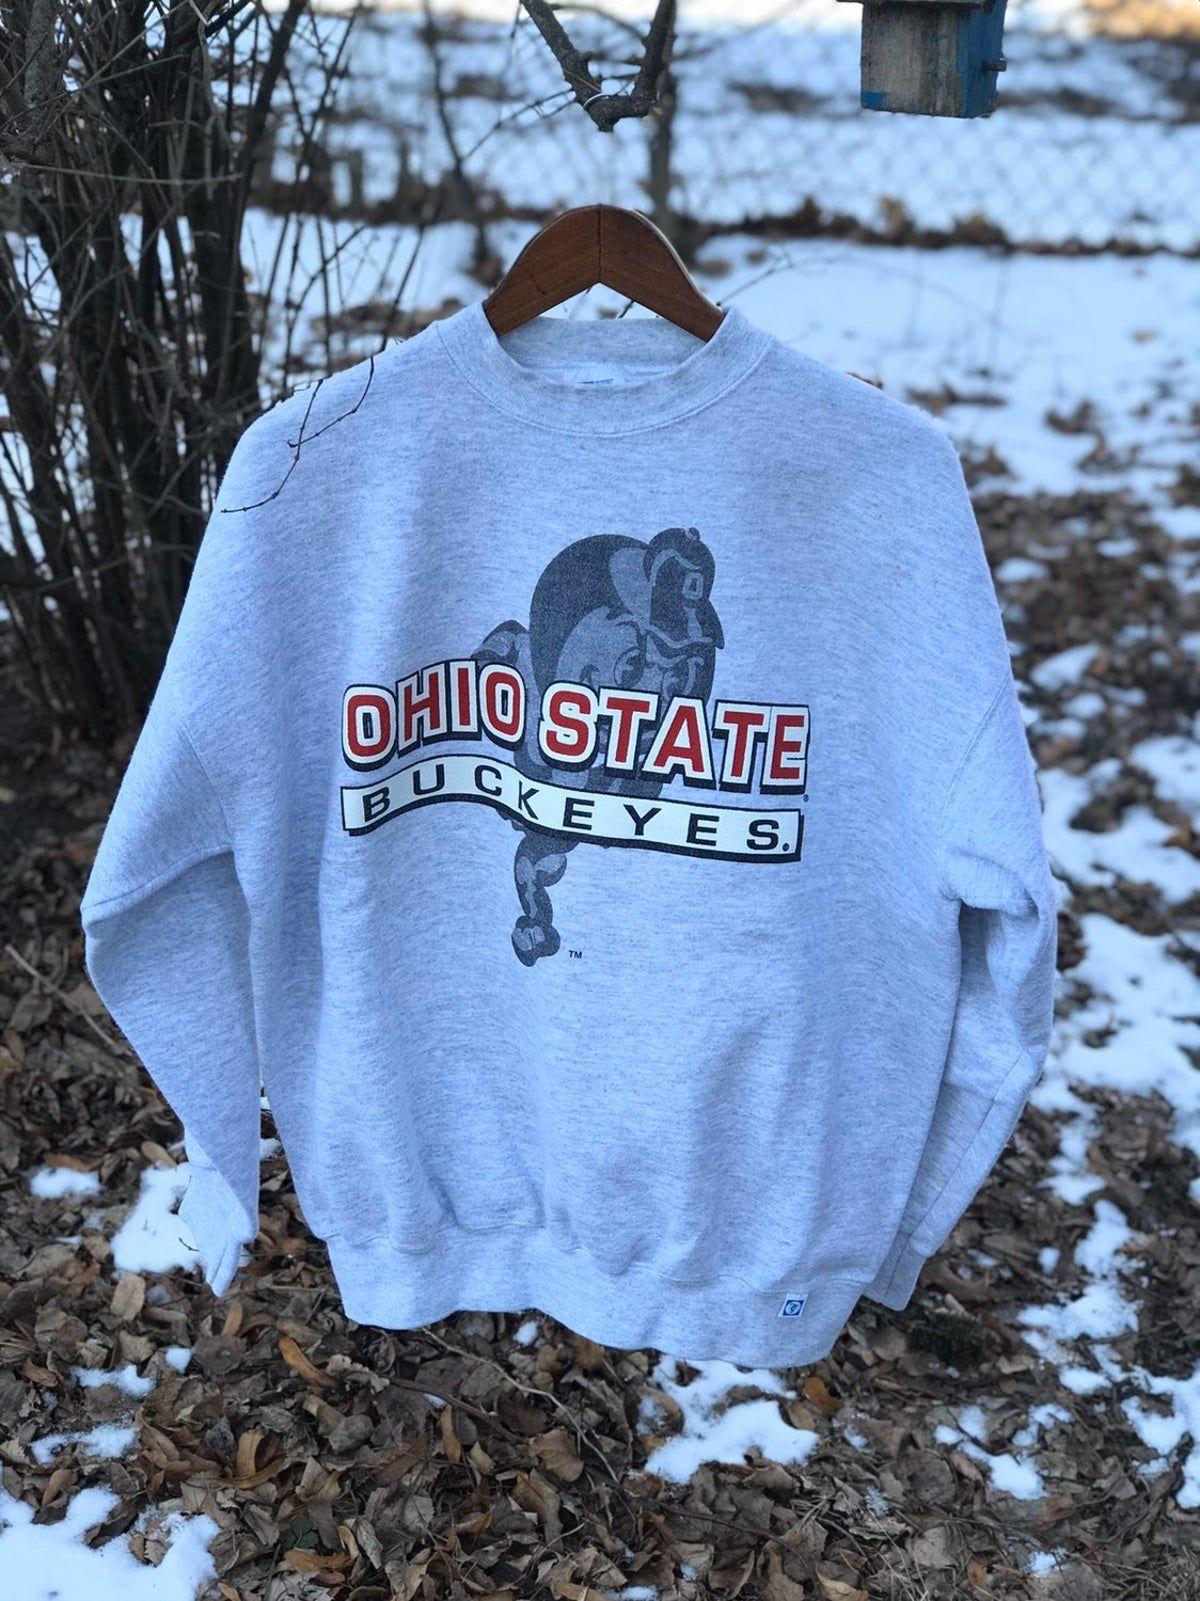 Discus Ohio State Buckeyes Crewneck